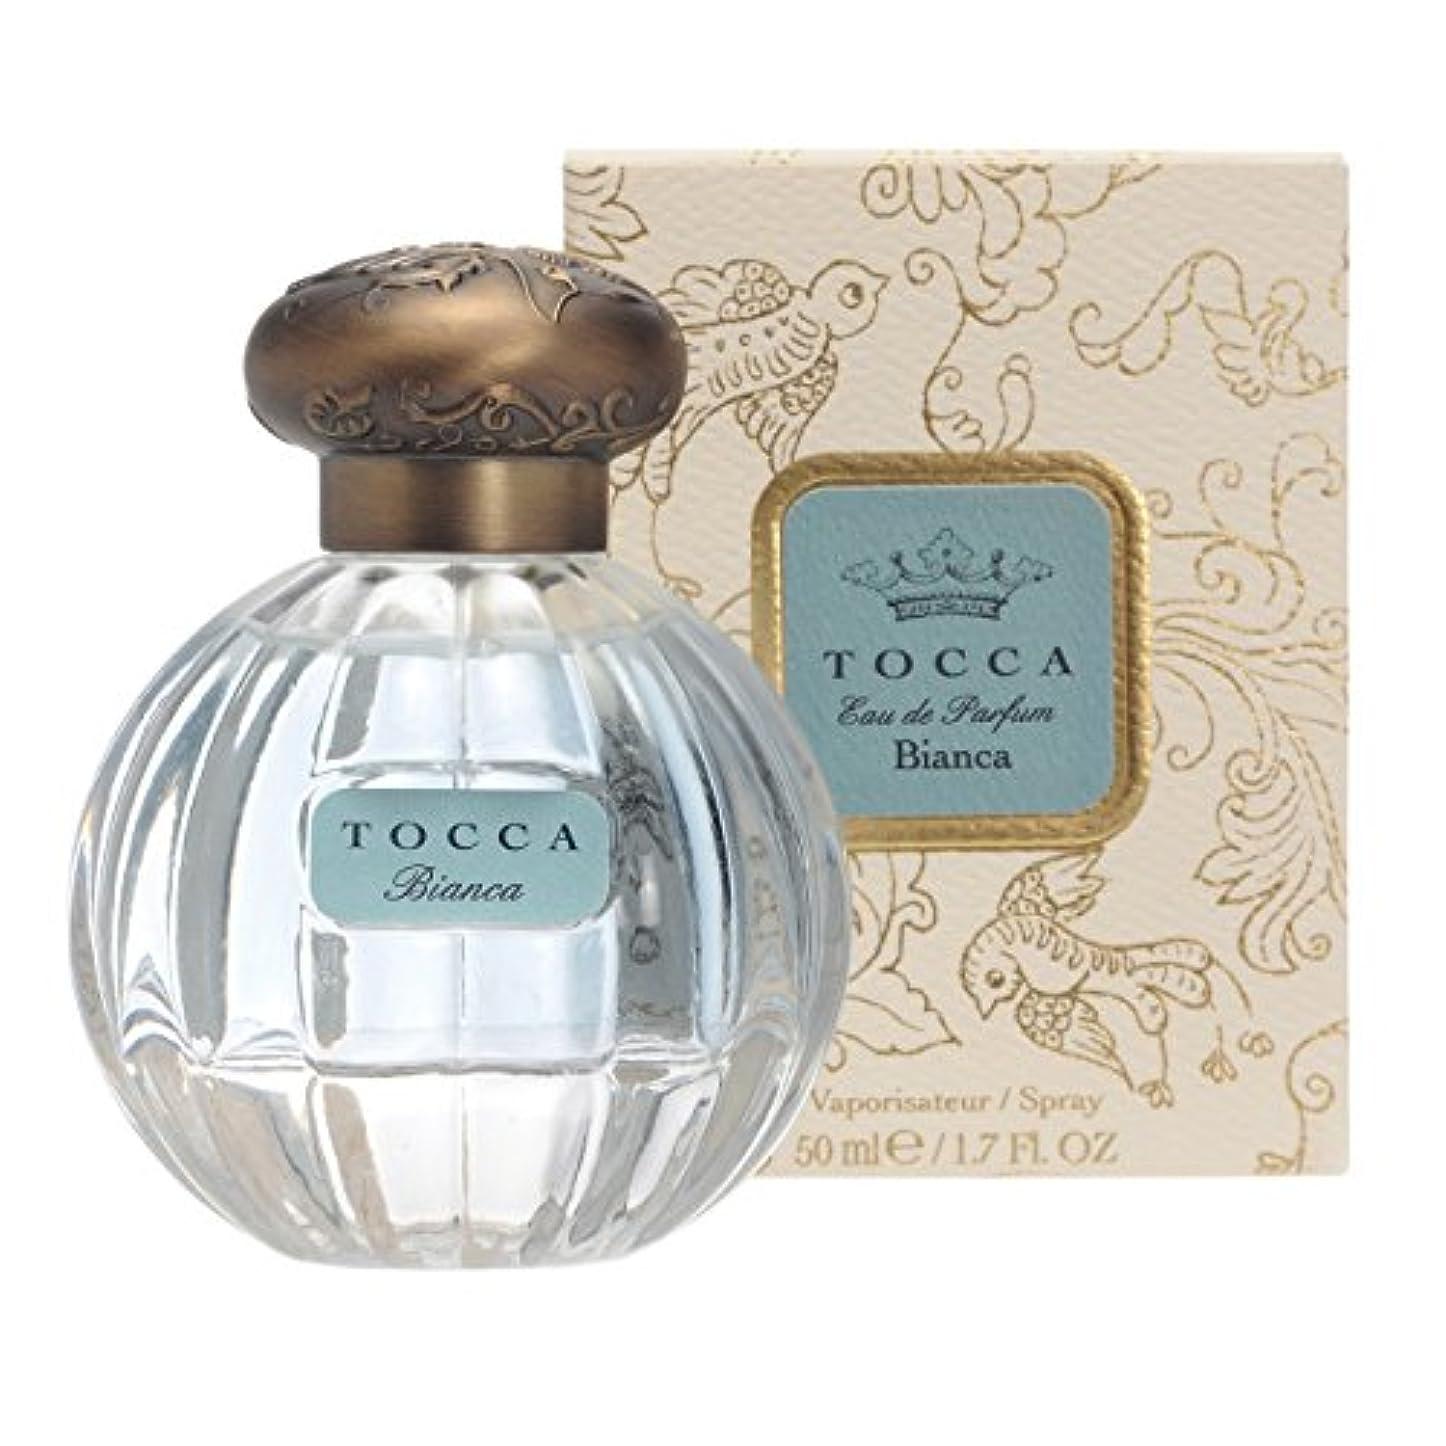 おそらく承知しましたオートメーショントッカ(TOCCA) オードパルファム ビアンカの香り 50ml(香水 海を眺めながらのティータイムのようなグリーンティーとシトラス、ローズが溶け合う爽やかで甘い香り)